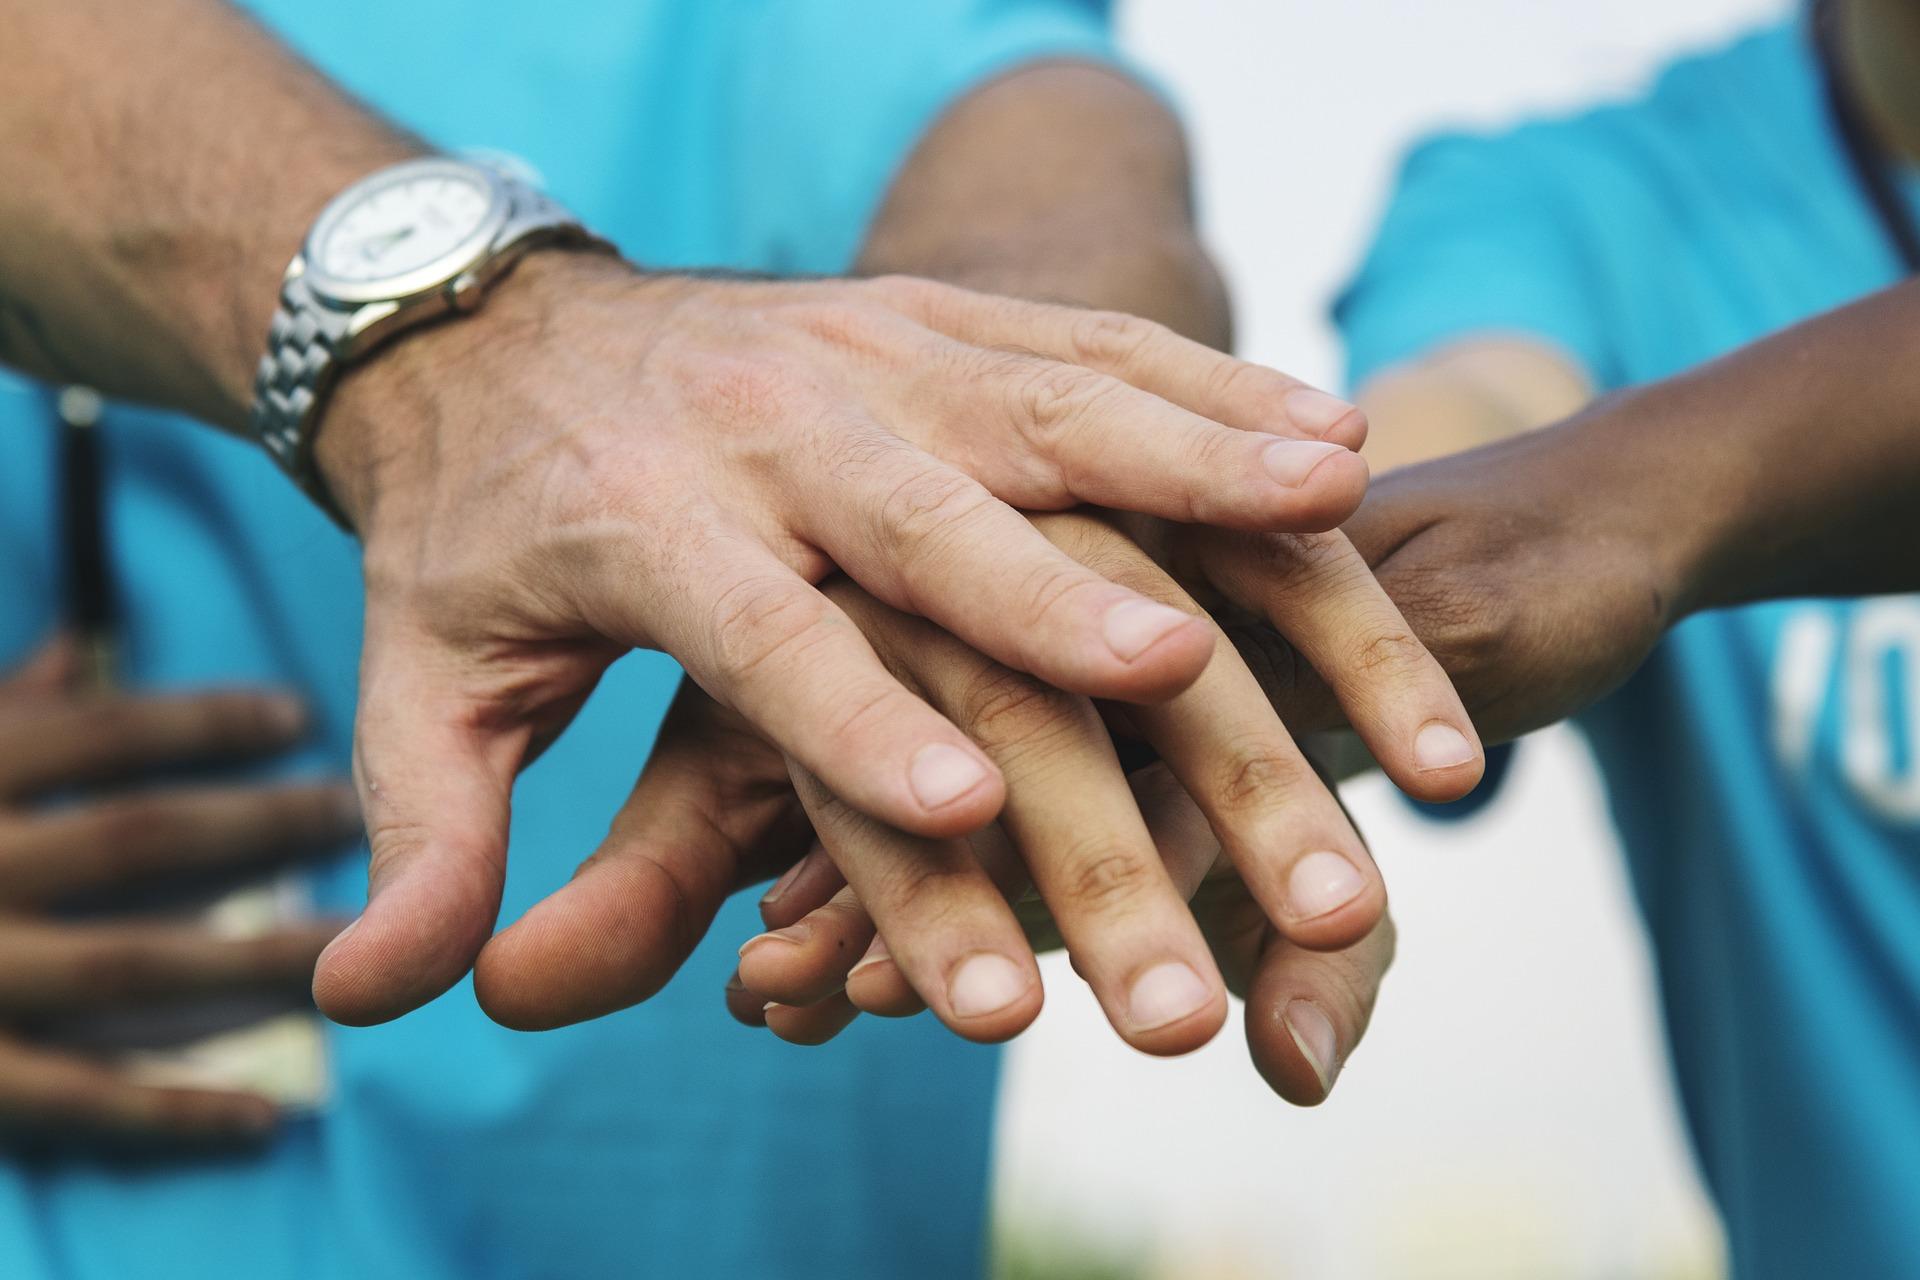 Hand wearing rolex